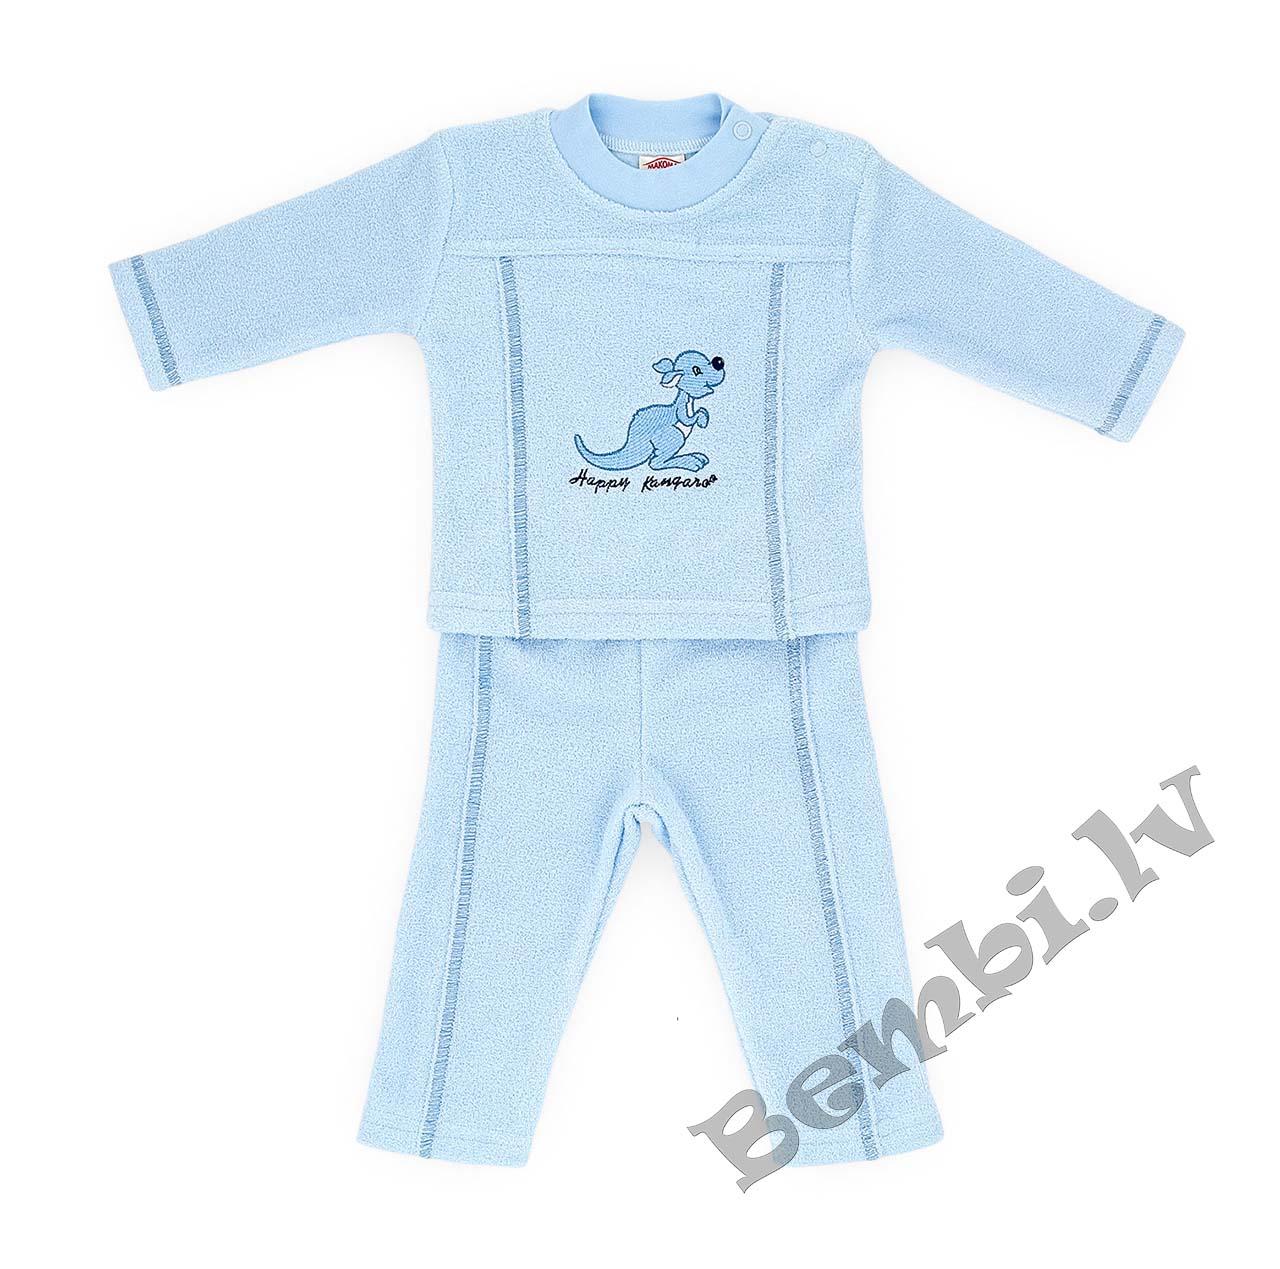 Apģērbi zīdaiņiem